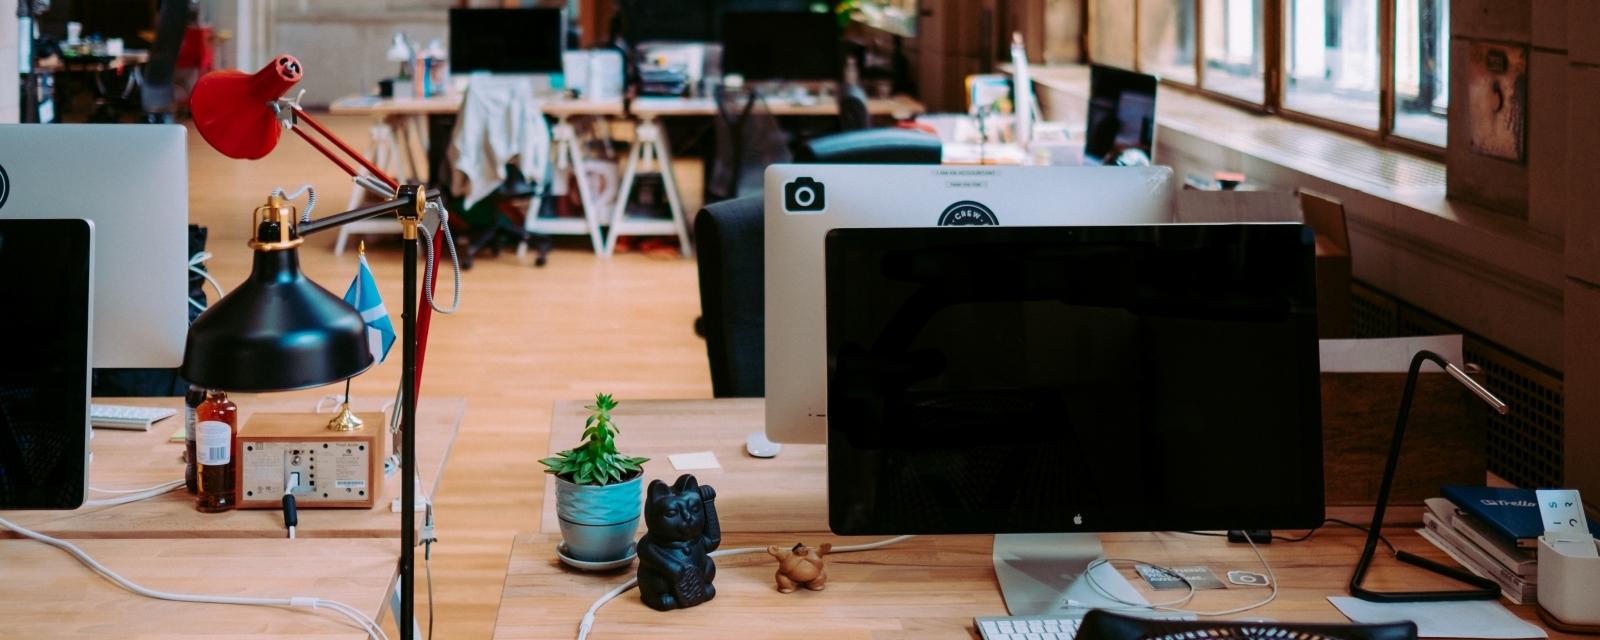 Entrepreuneuriat et Innovation - CampusInnov